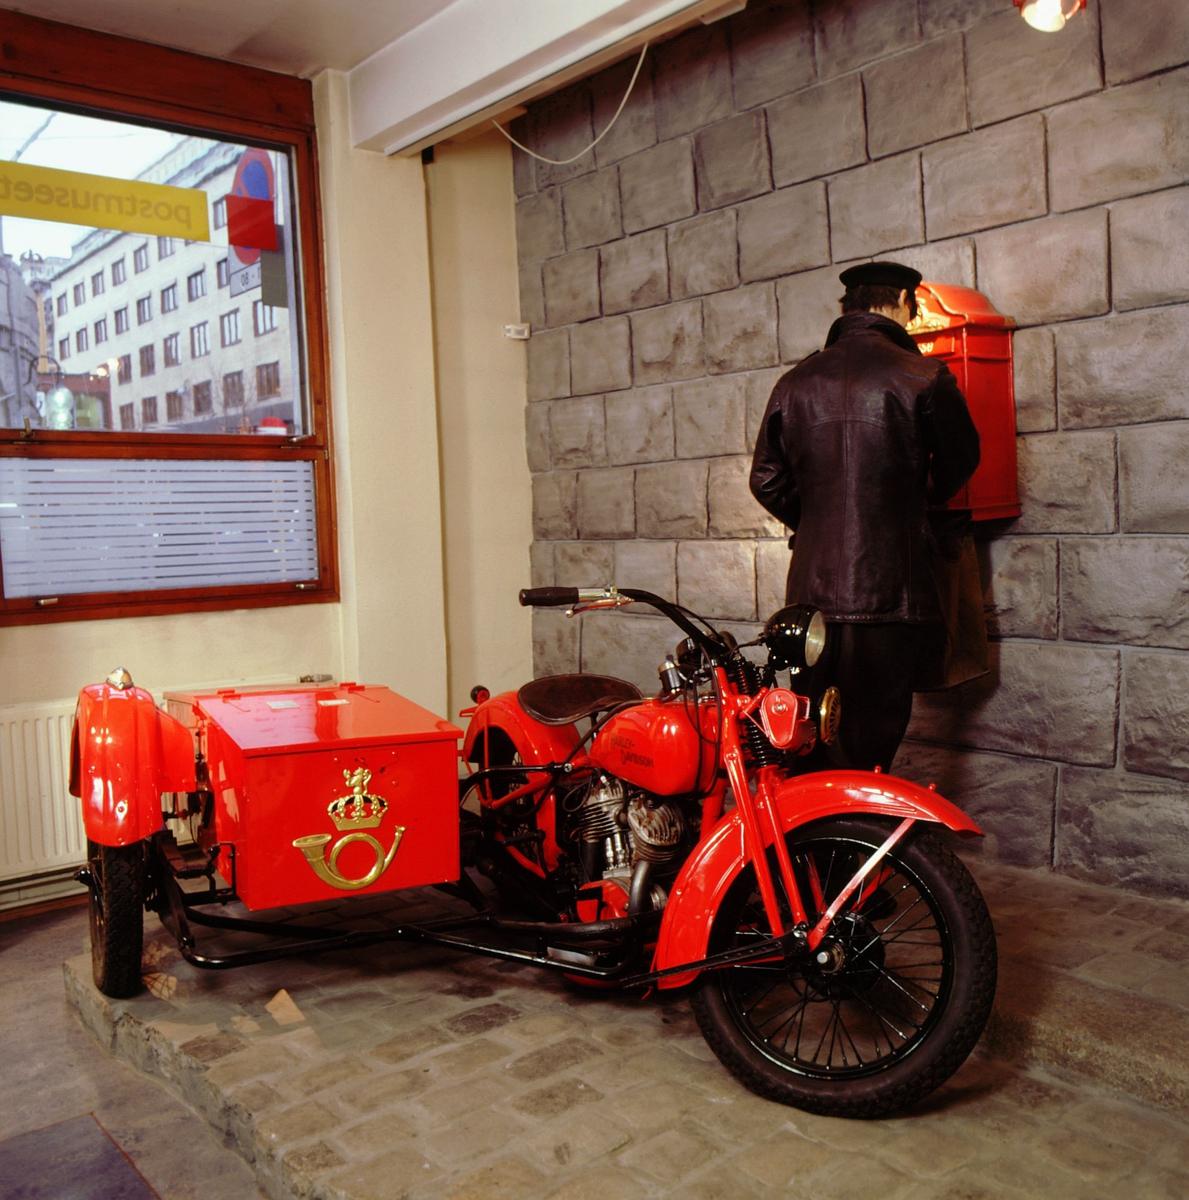 postmuseet, utstilling, transport, motorsykkel, Harley Davidson med sidevogn og postlogo i gull, postbud i skinnjakke tømmer postkassen